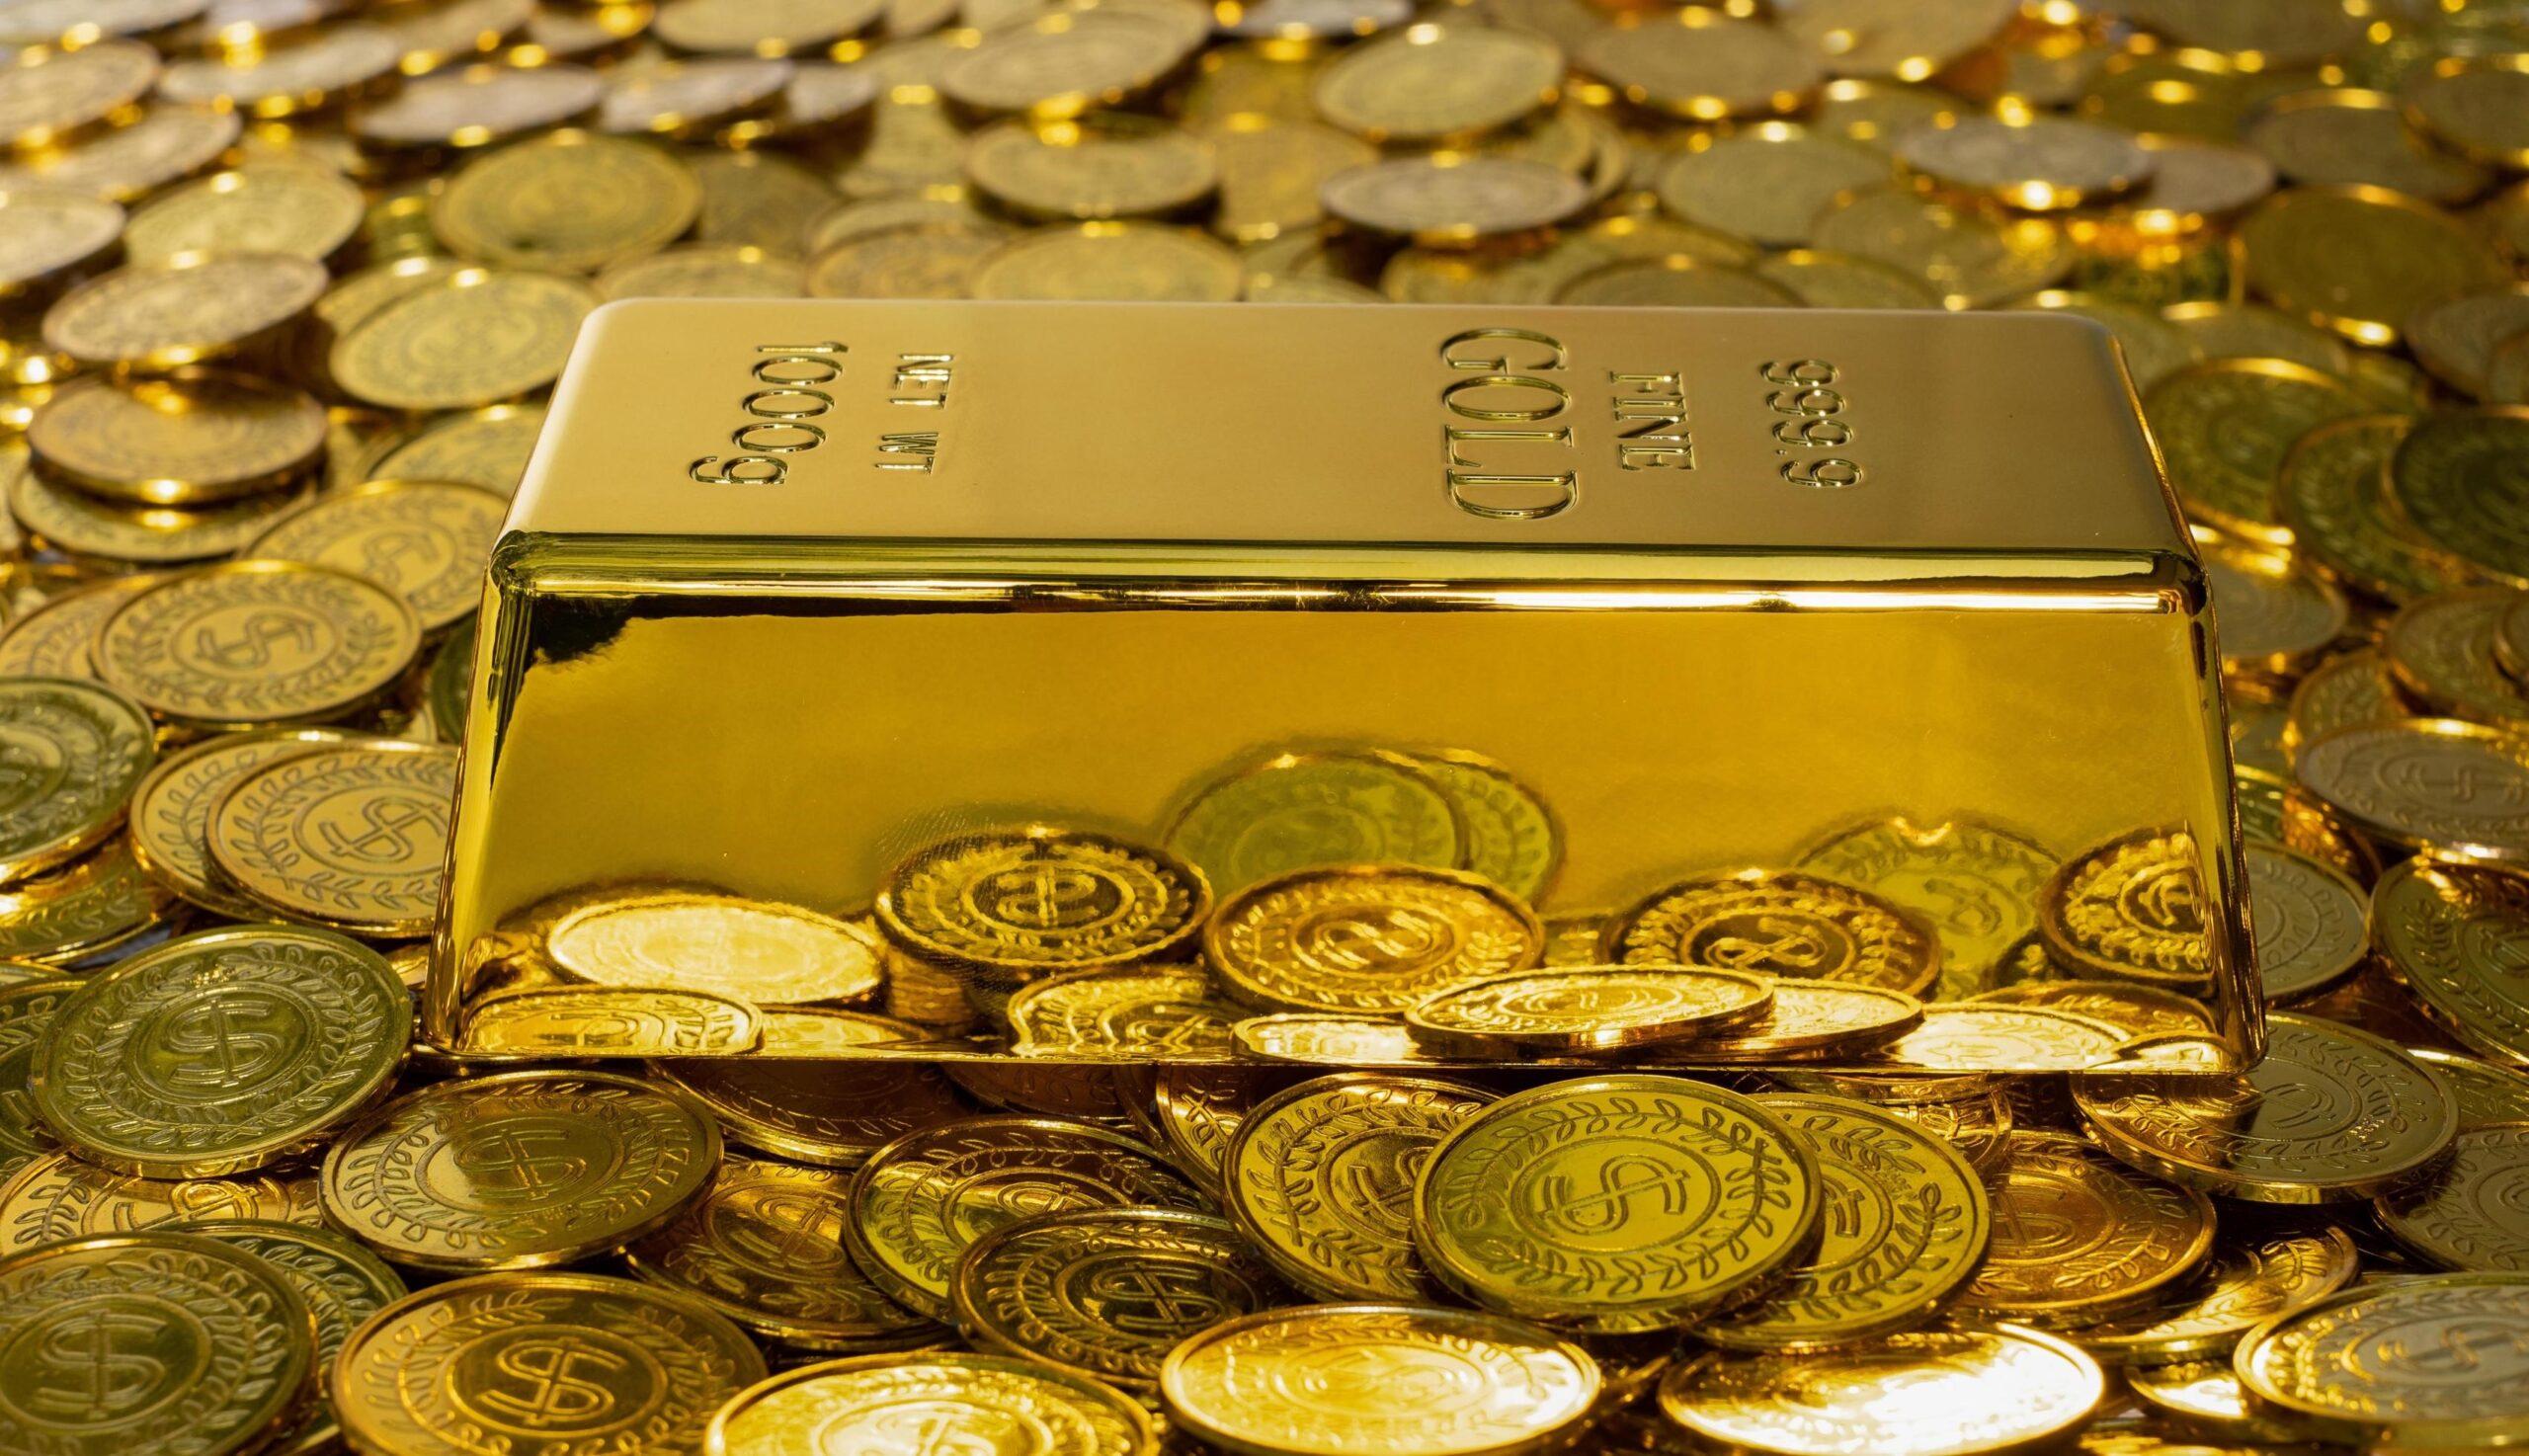 De globala guldfonderna tillfördes 61,3 ton (USD 3,4 miljarder, 1,7 procent AUM) i maj, vilket gör att tre raka månader av nettoutflöden fick ett slut enligt nya uppgifter som släpptes i veckan av World Gold Council.